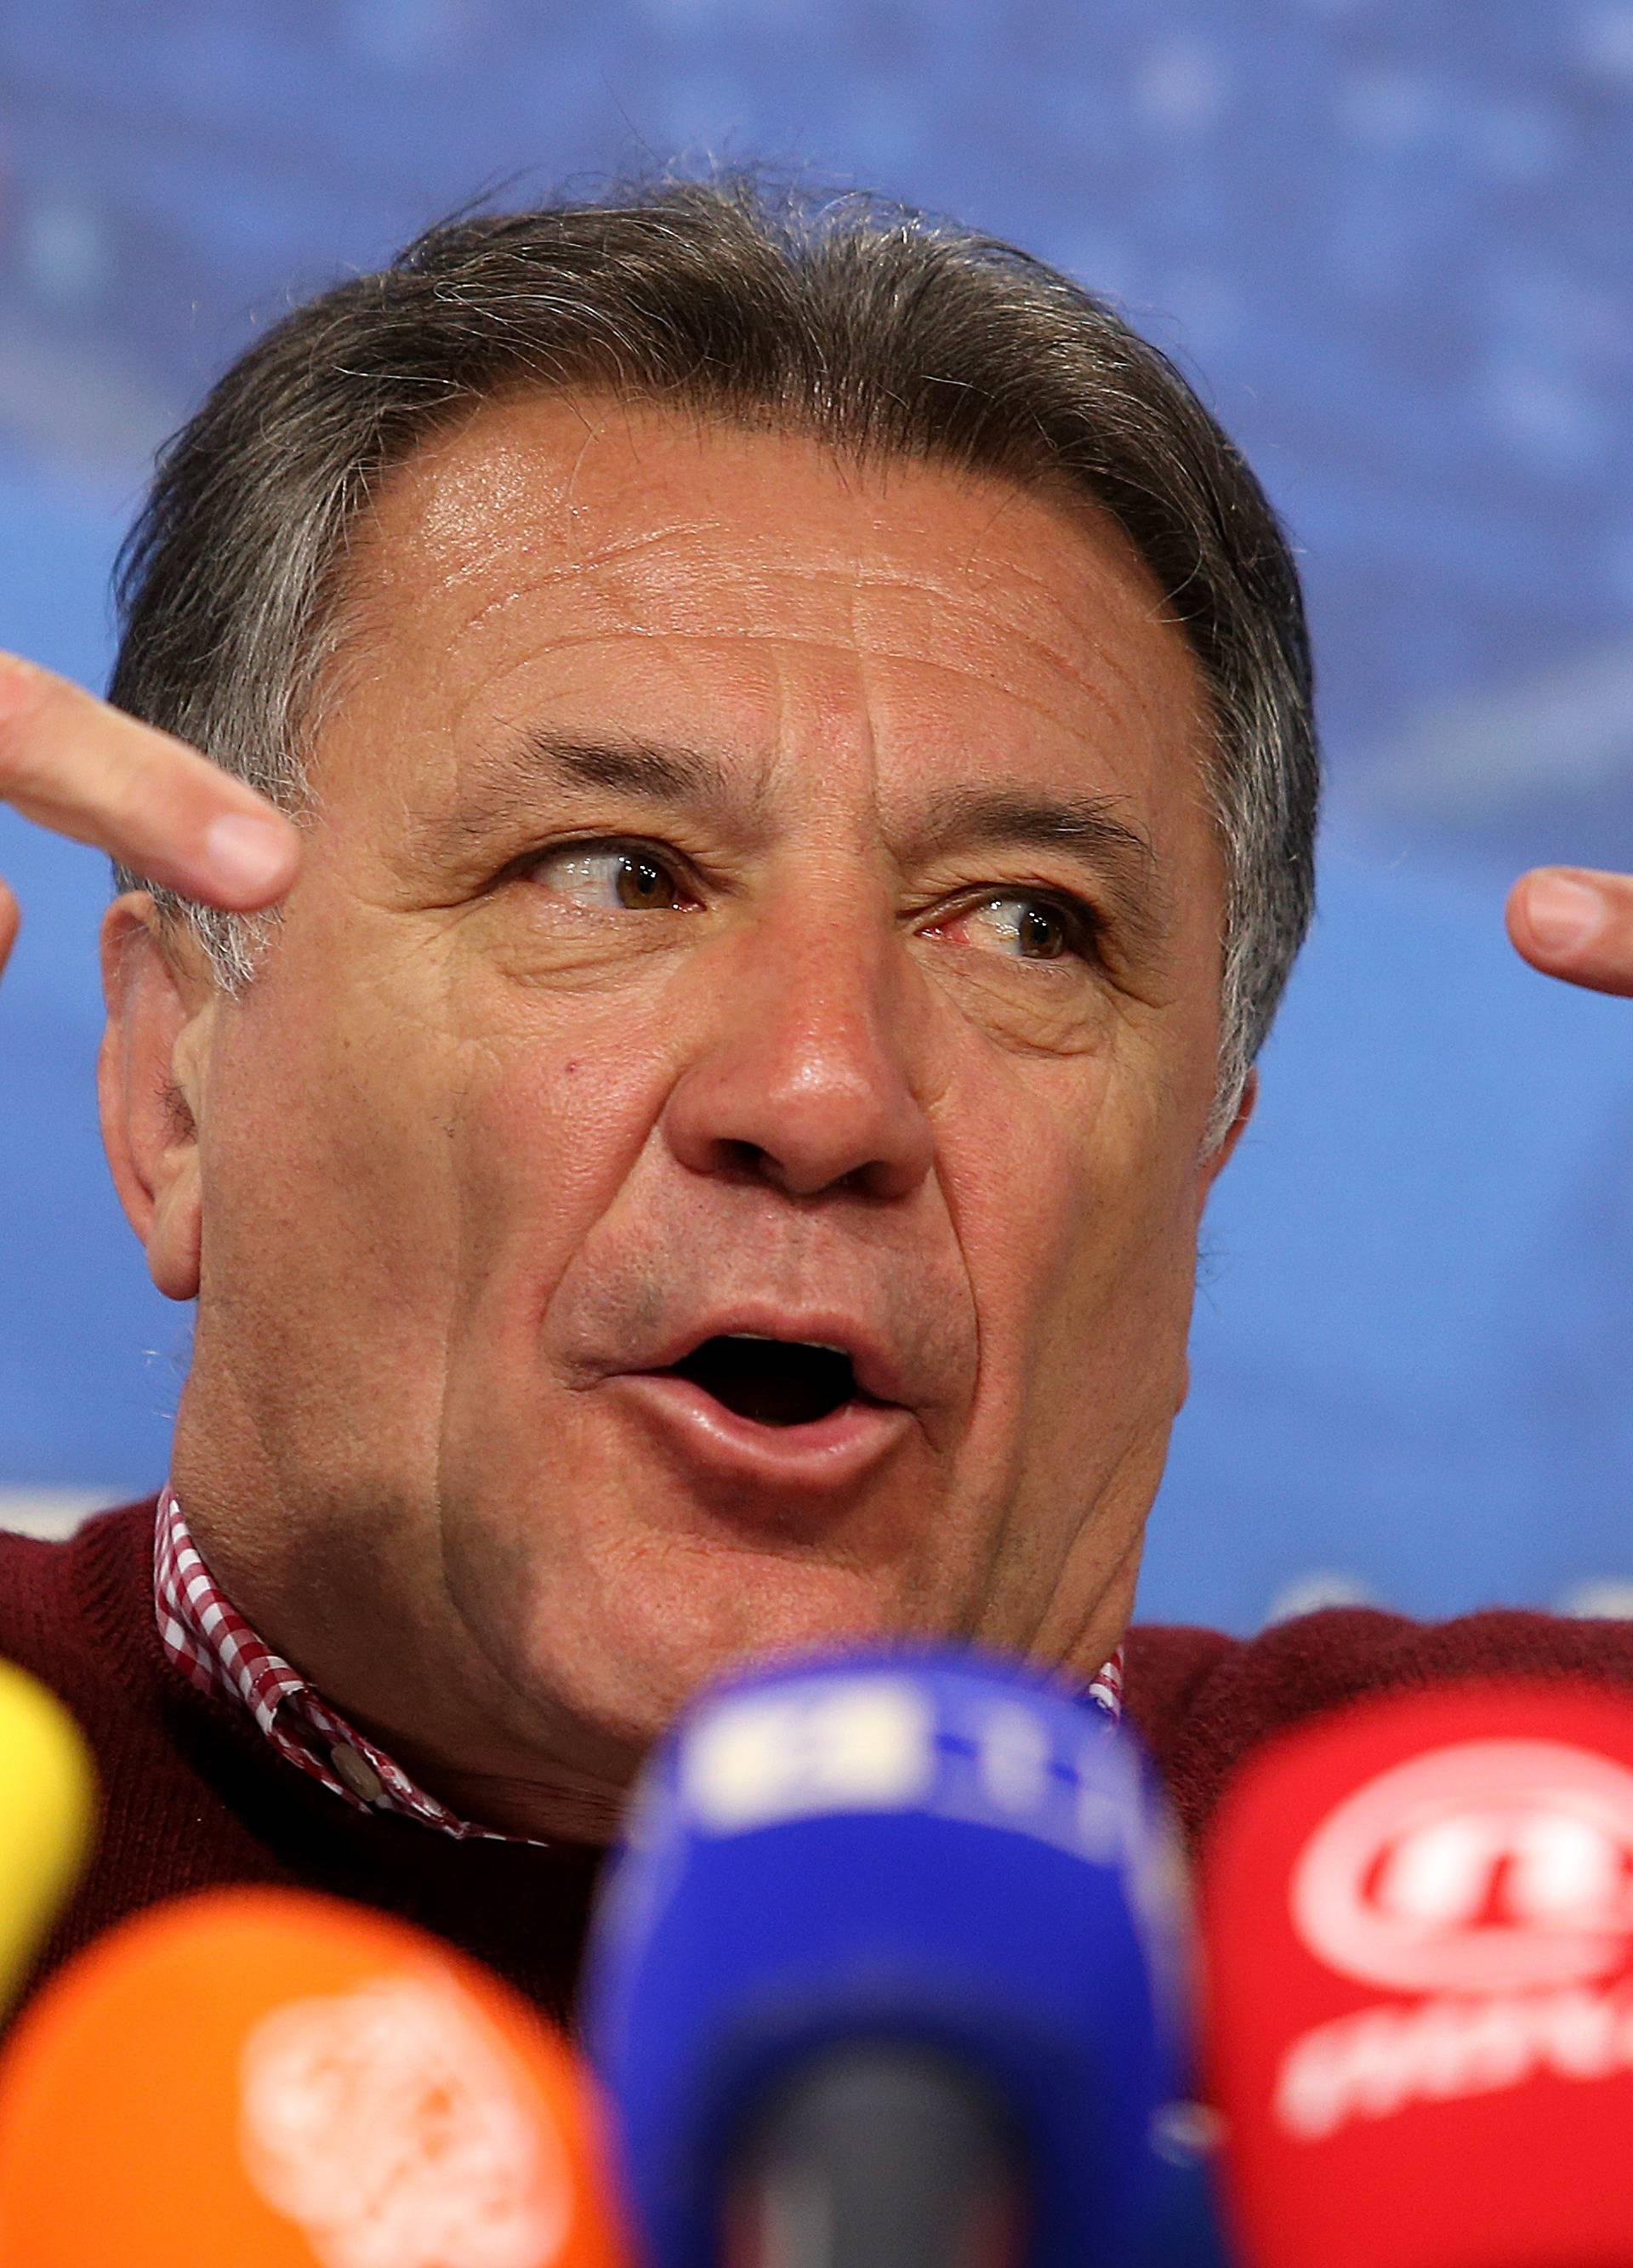 Ovo je govorio Zdravko Mamić: Ma tko si ti Nikola Jurčeviću?!